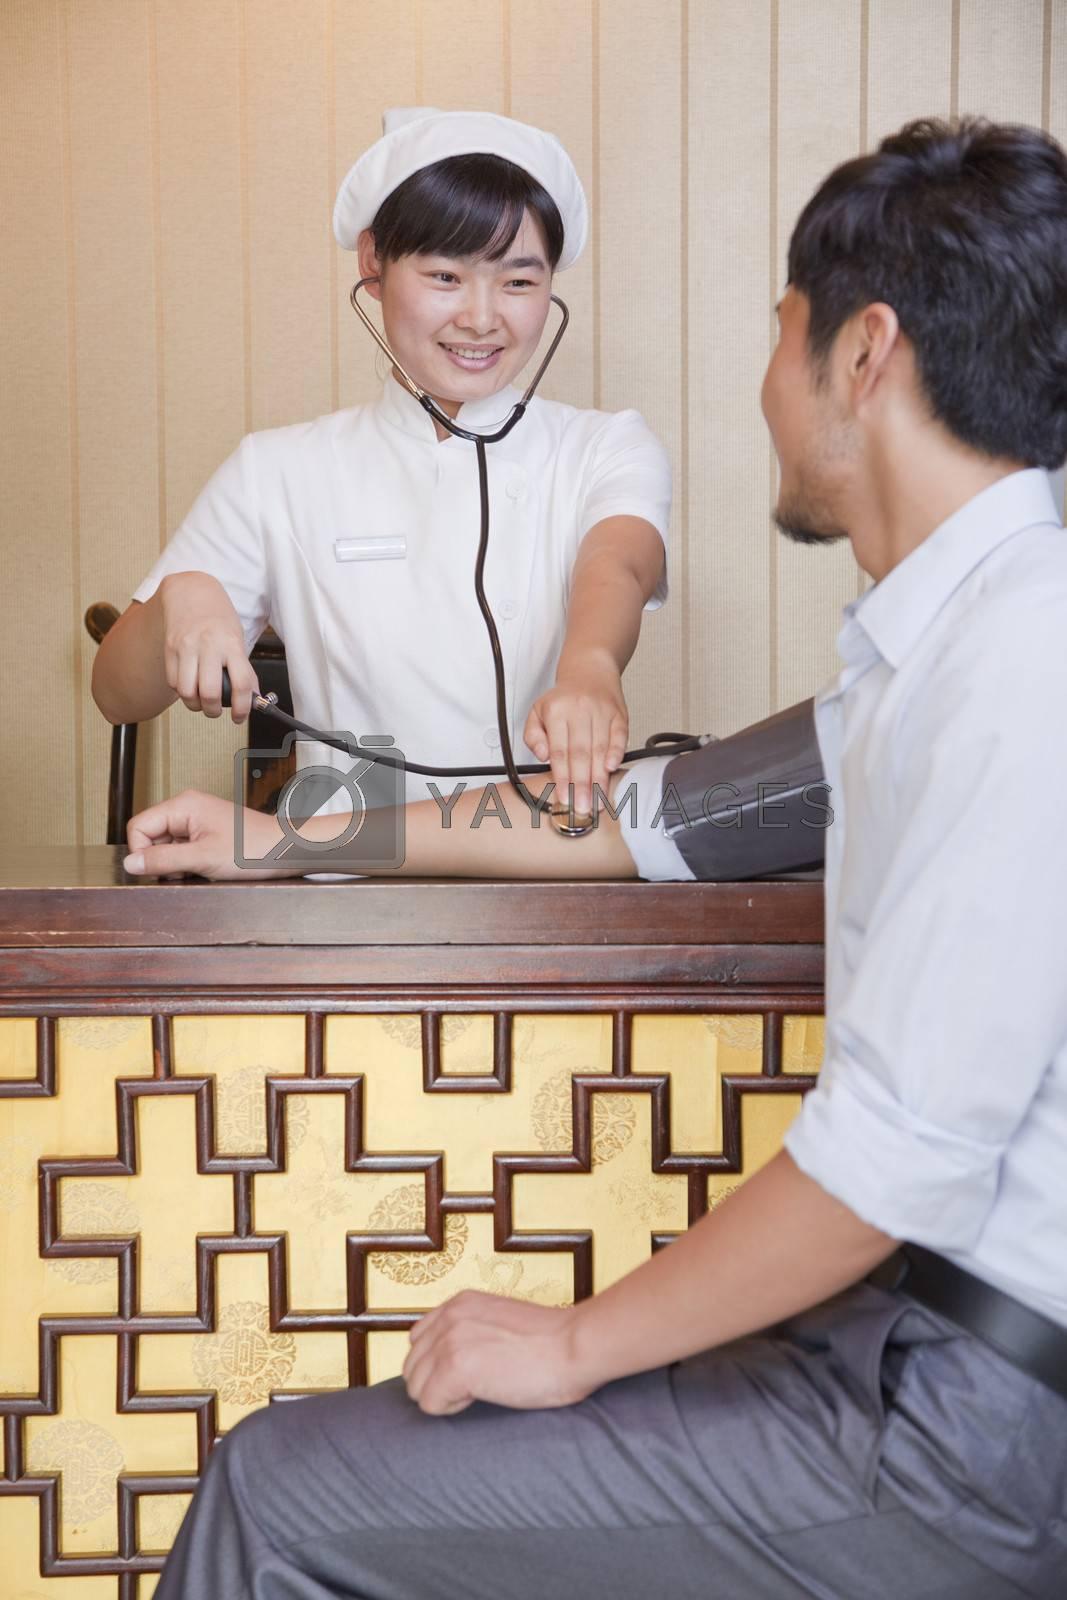 Nurse Checking Businessman's Blood Pressure